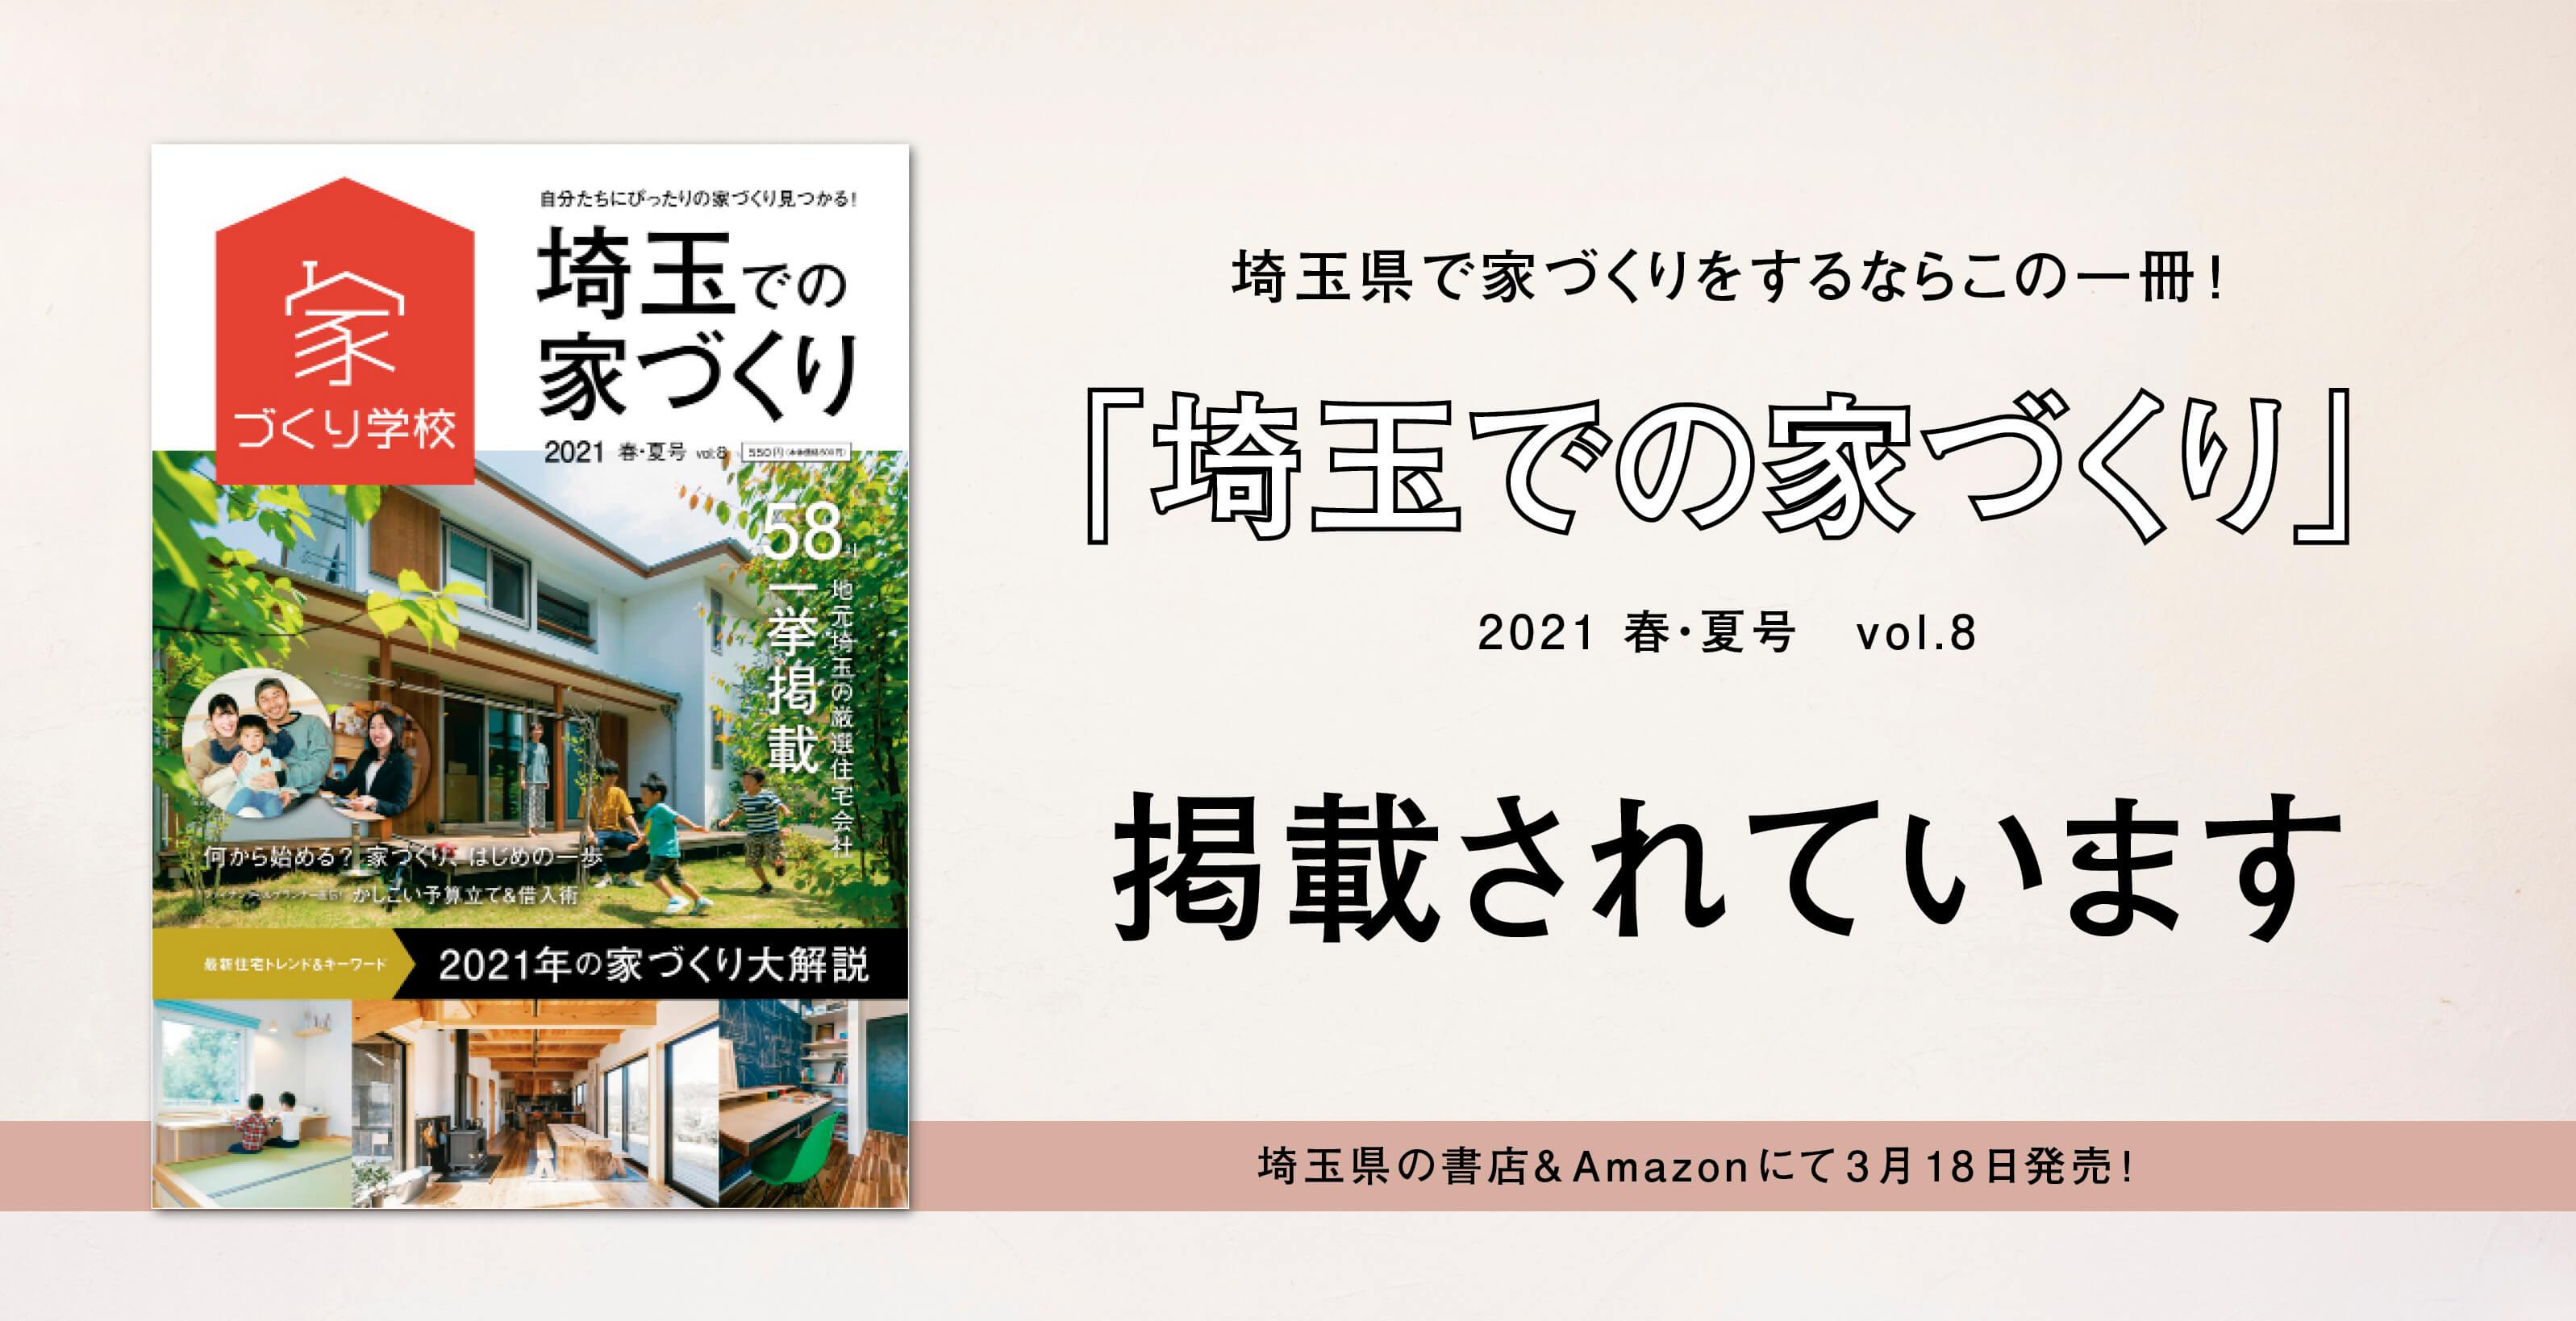 【メディア掲載】家づくり学校「埼玉での家づくりvol.8」2021春・夏号掲載